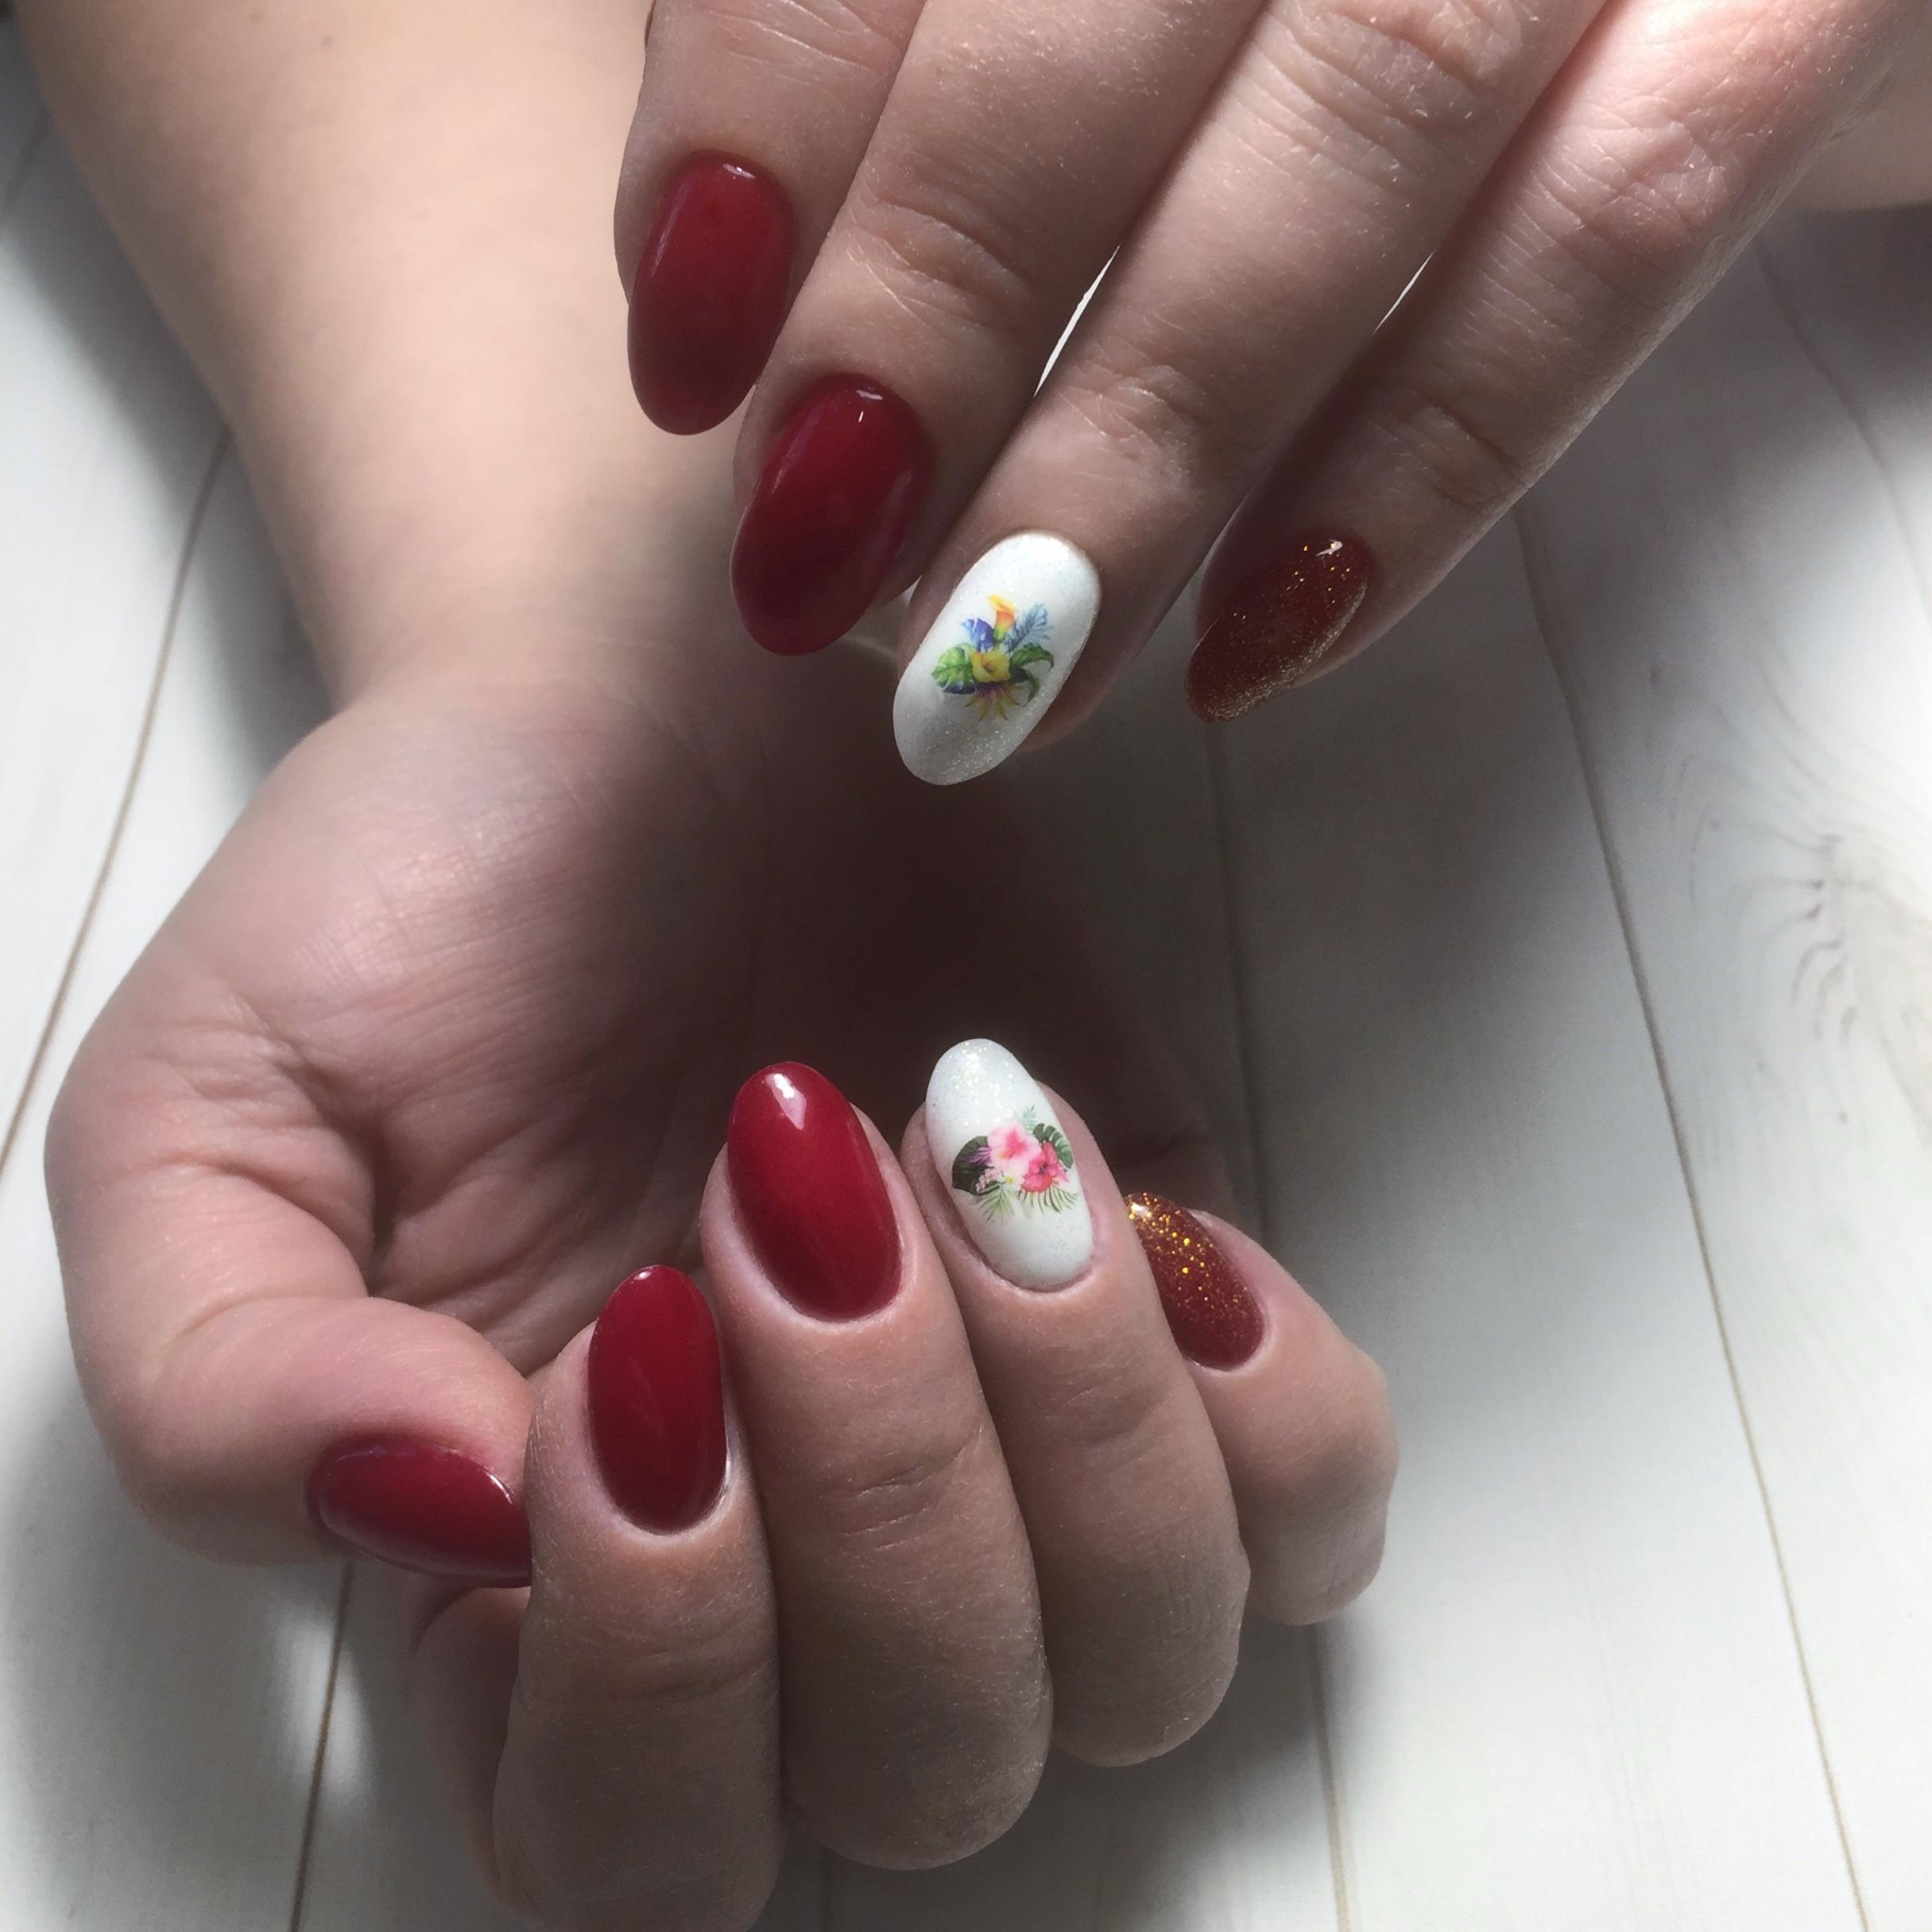 Маникюр с цветочными слайдерами и золотыми блестками в бордовом цвете.